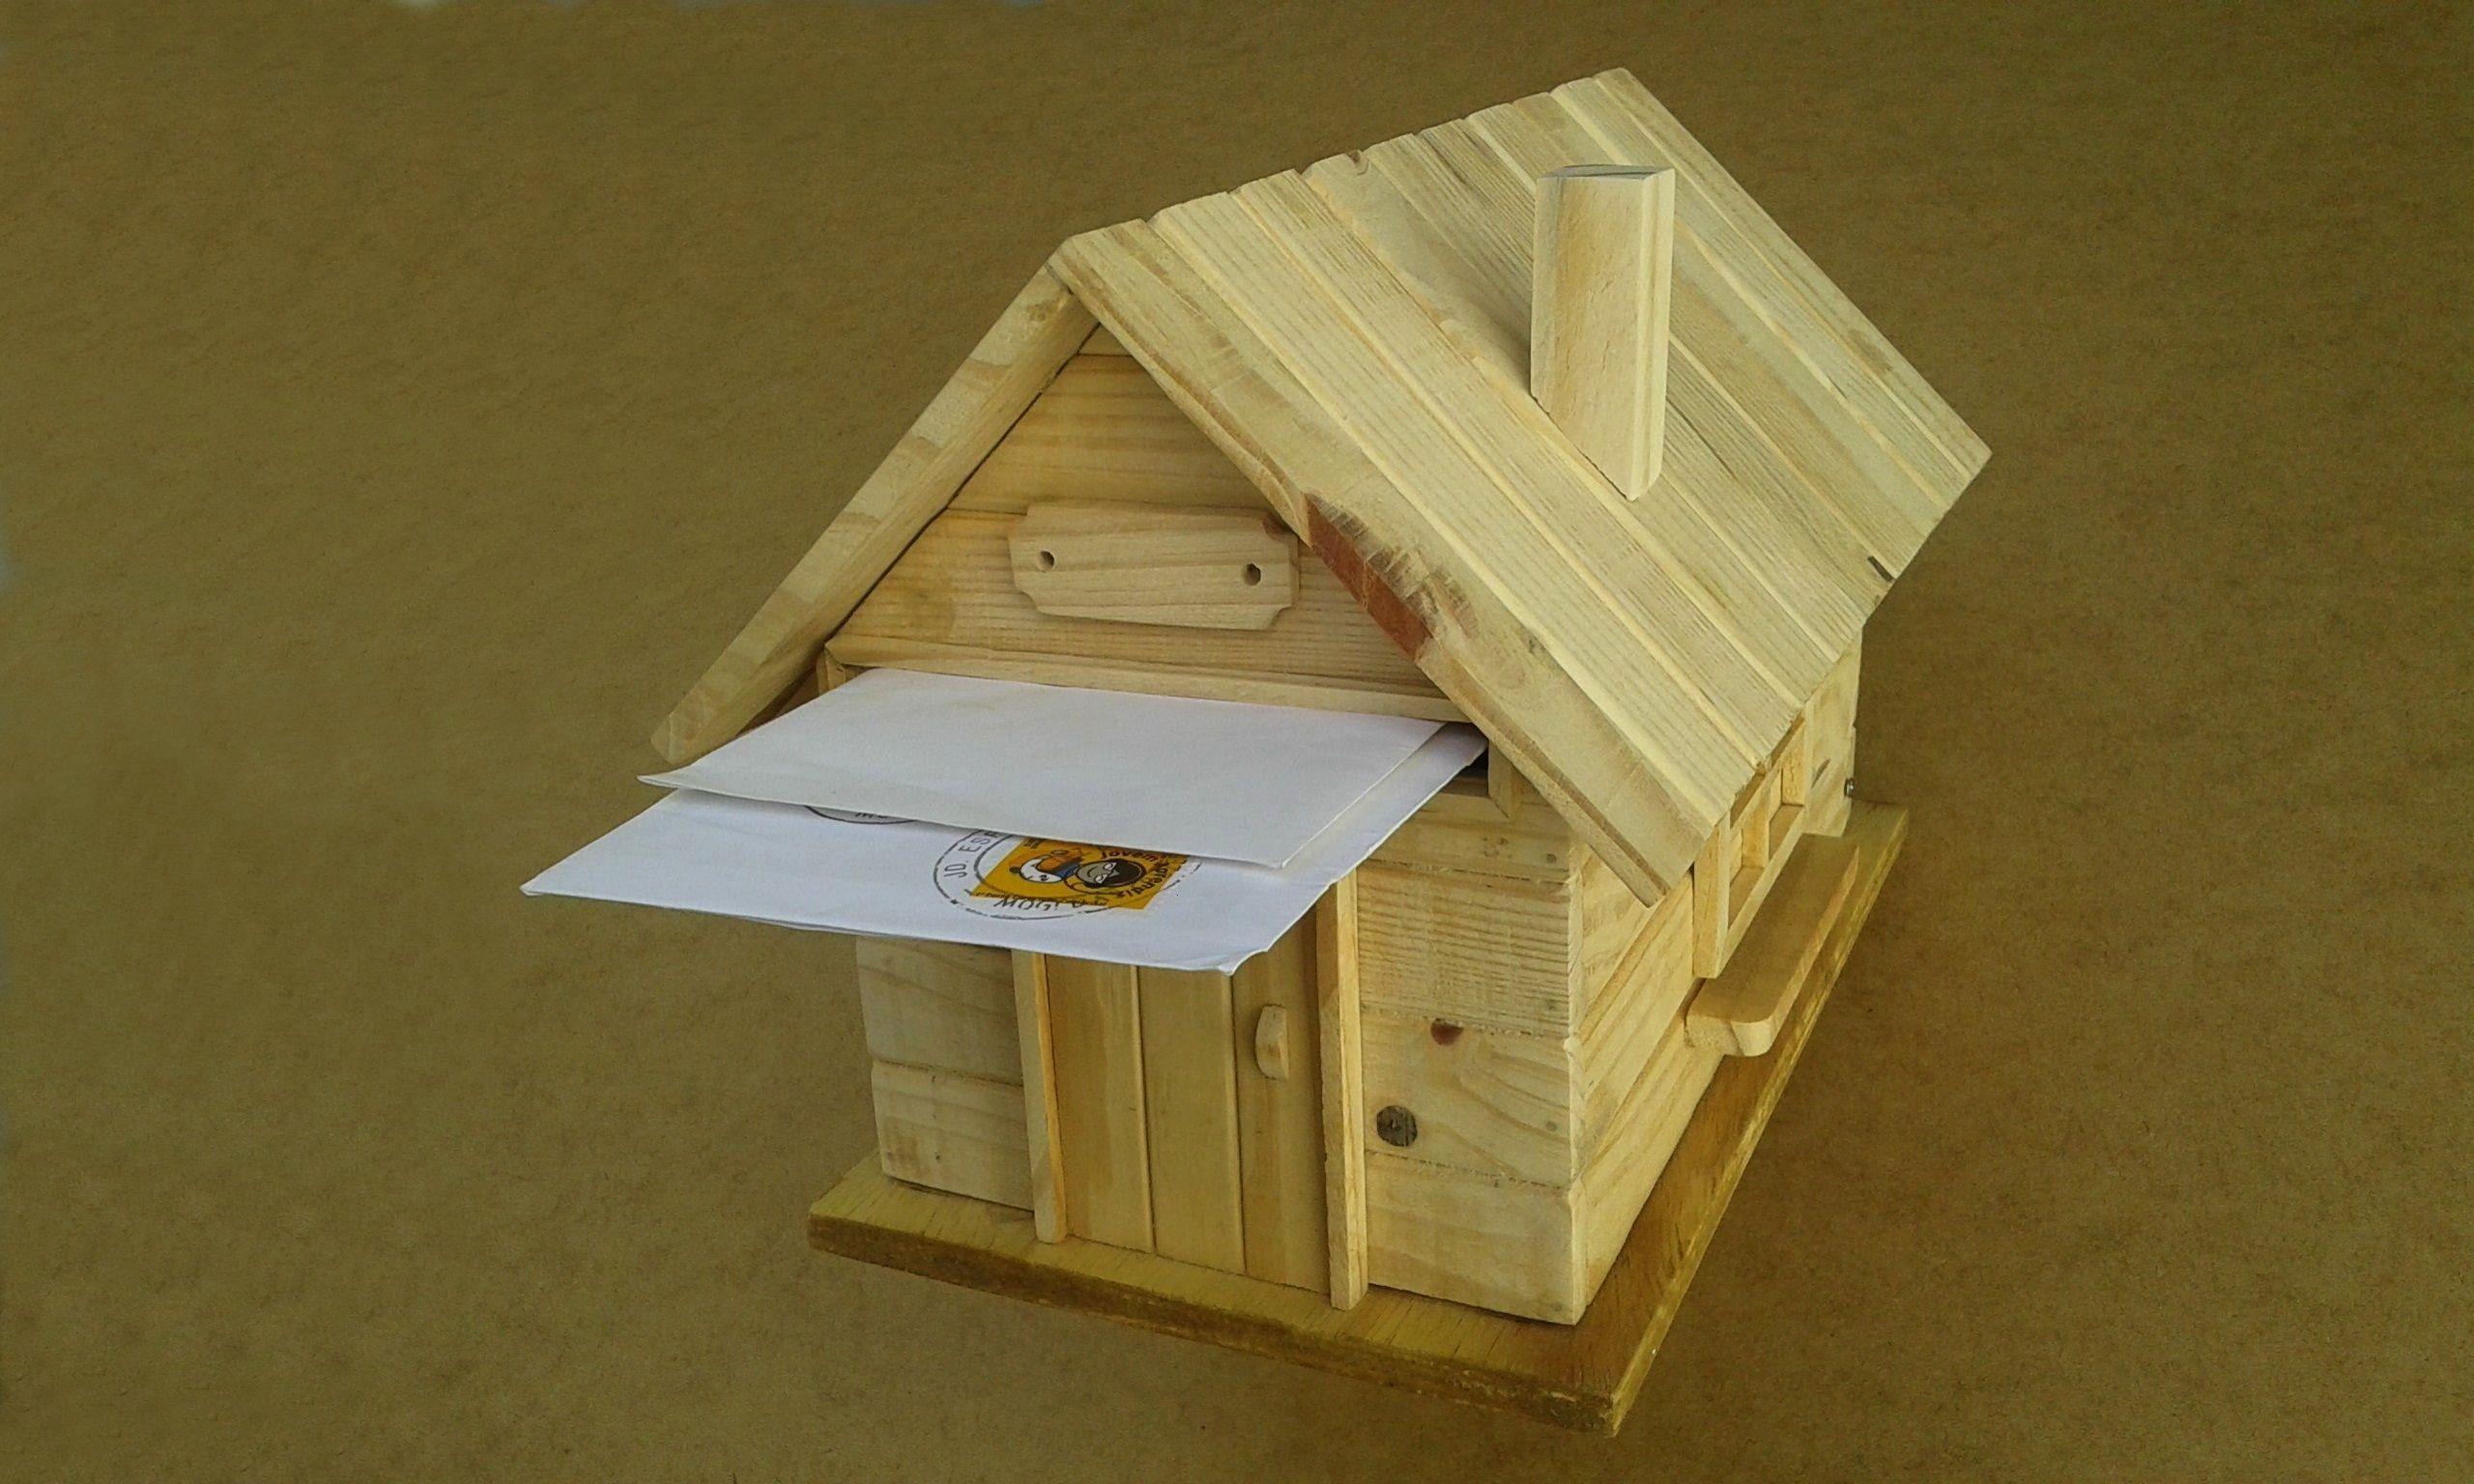 de CORREIOS  Produzida com madeira reciclada de pinus  Rústica, peça sem acabamento  ARMARE -Arte